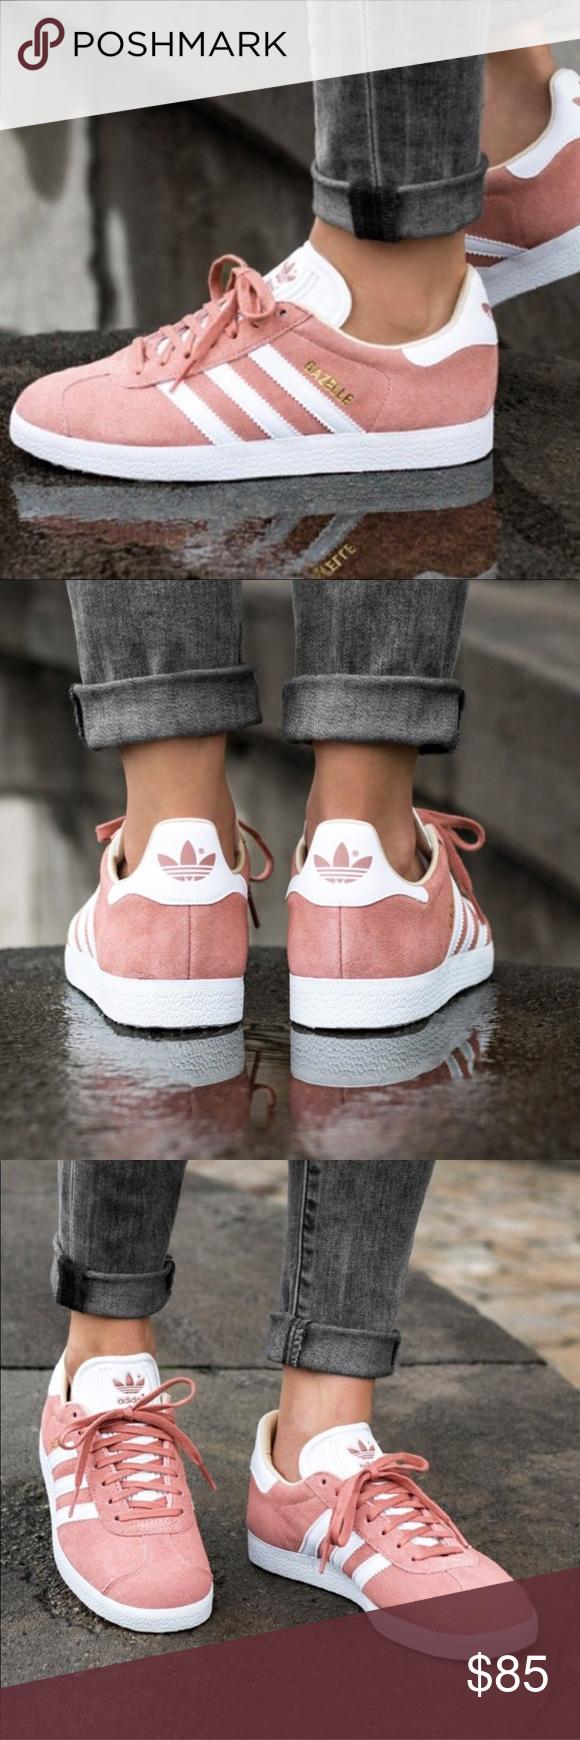 Adidas Gazelle ash pink suede | Rose